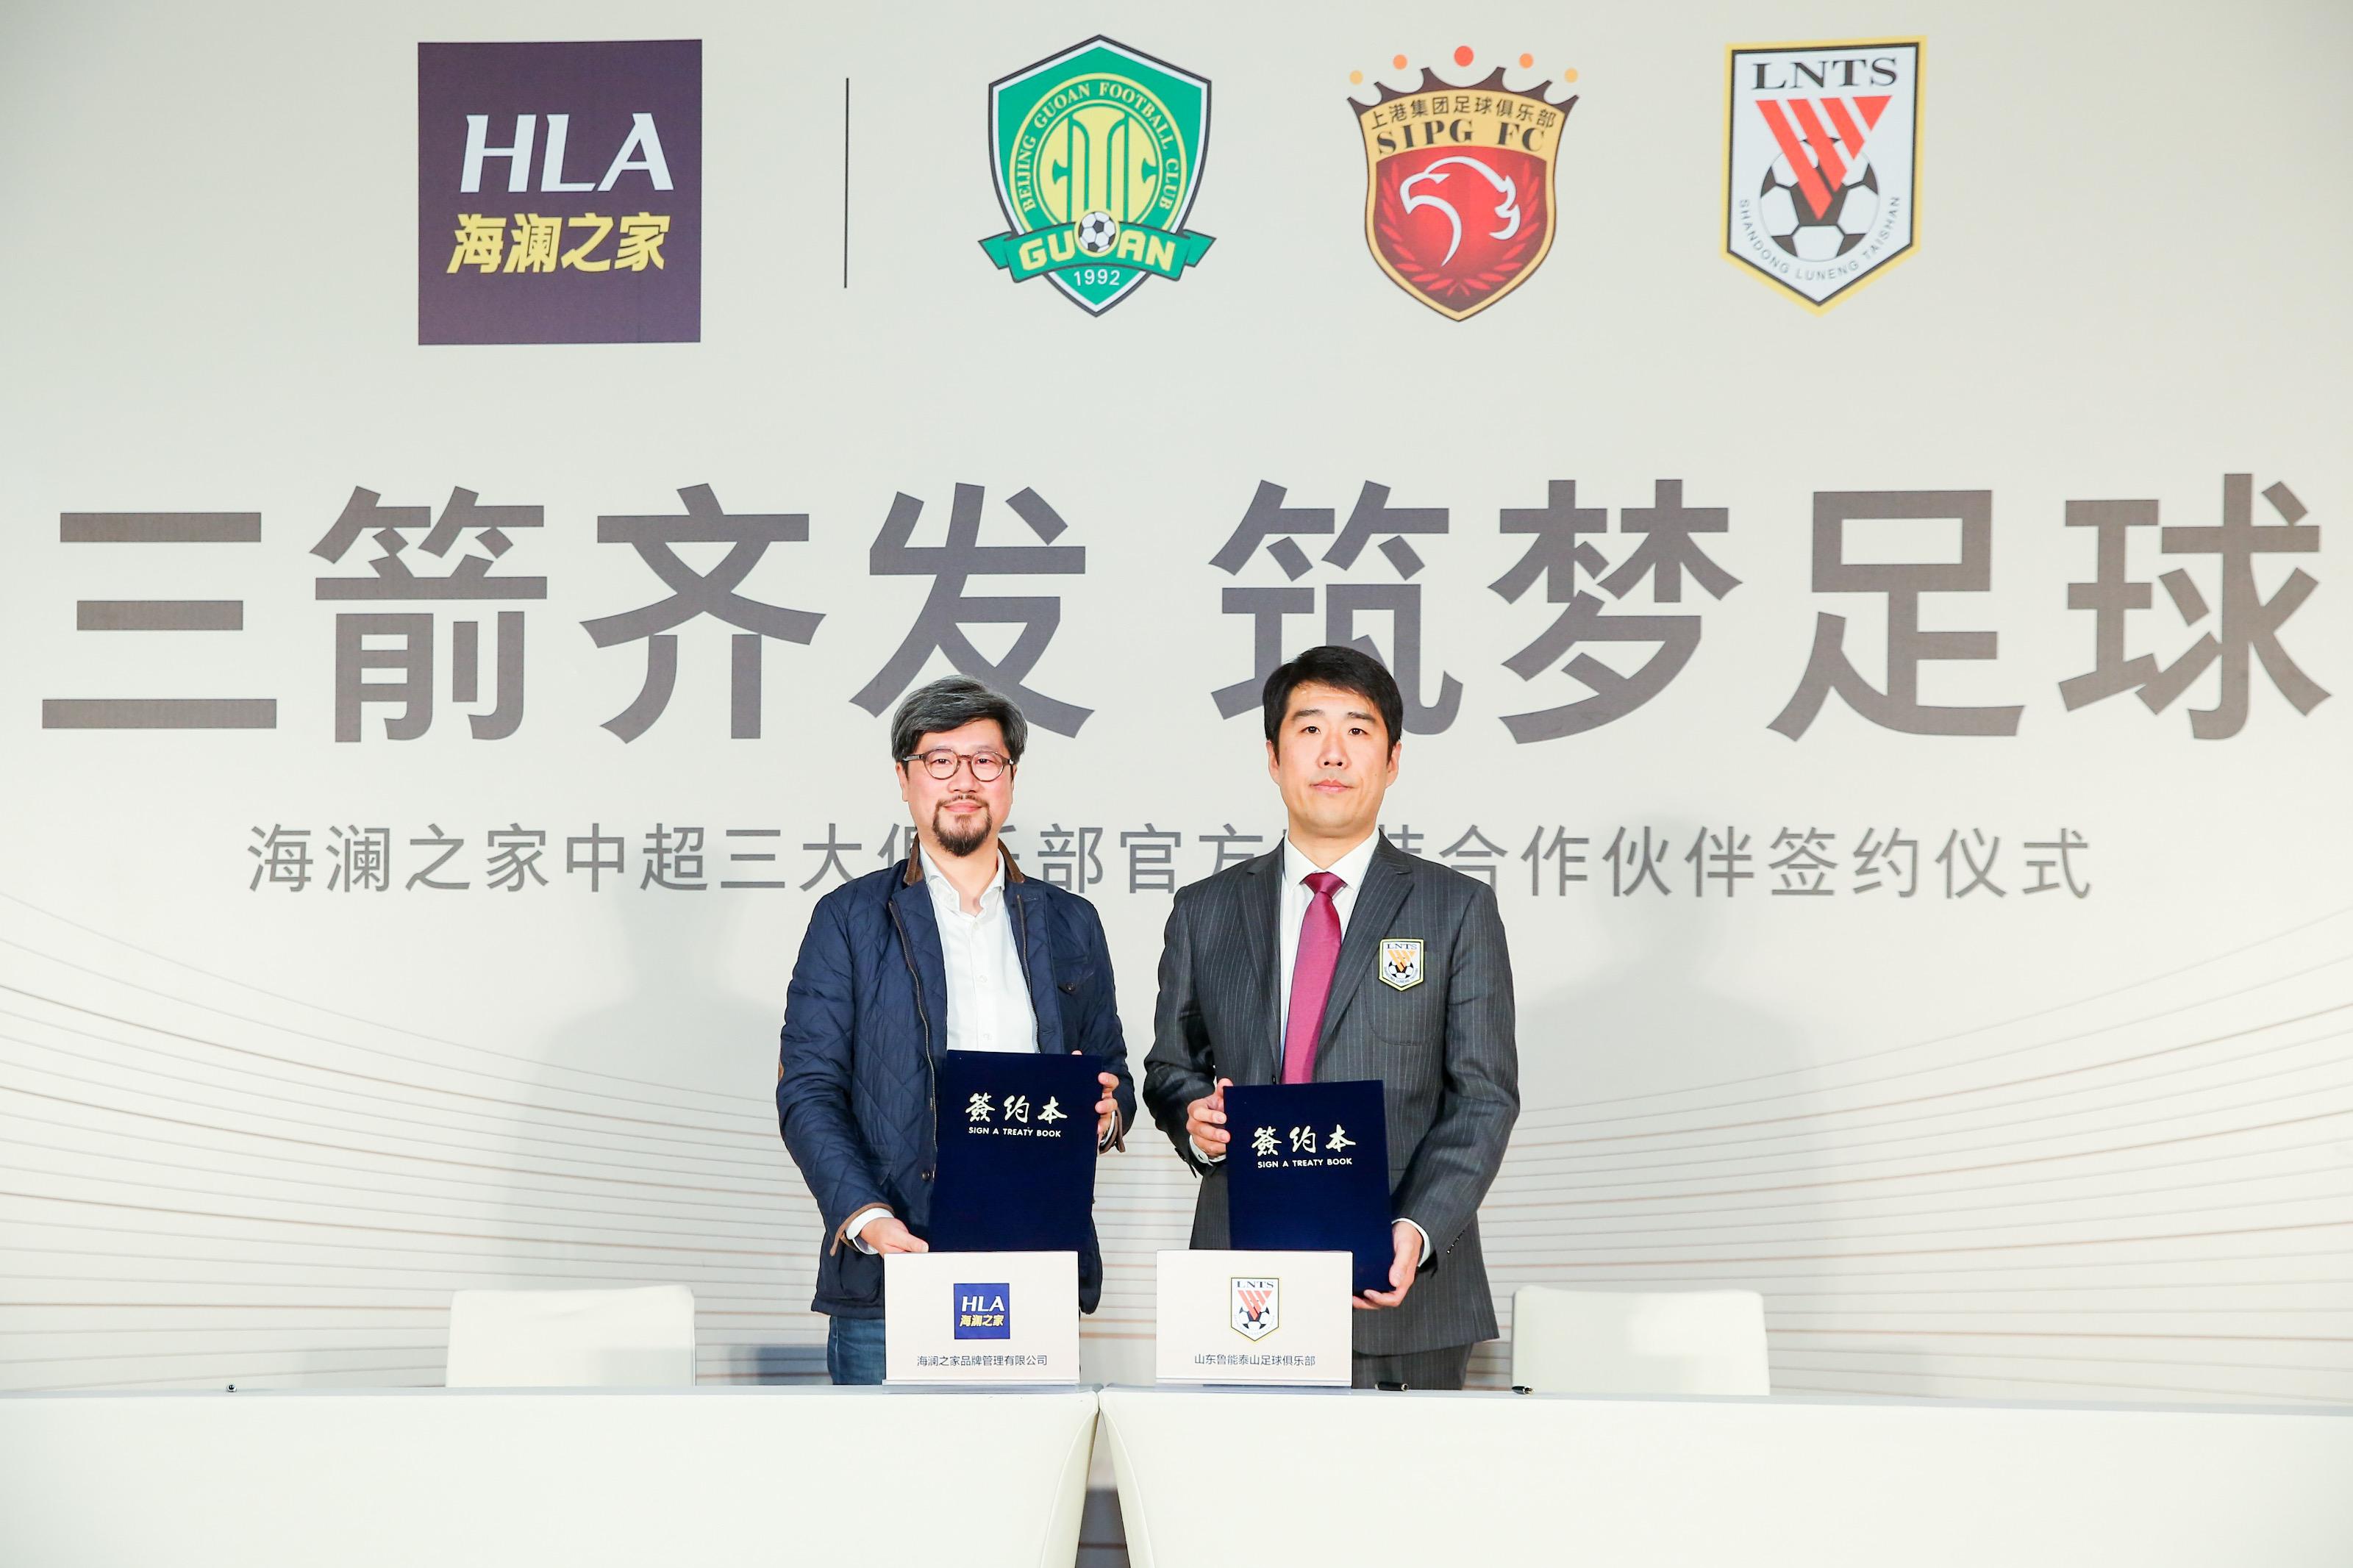 官宣!海澜之家正式成为山东鲁能泰山足球俱乐部官方正装合作伙伴